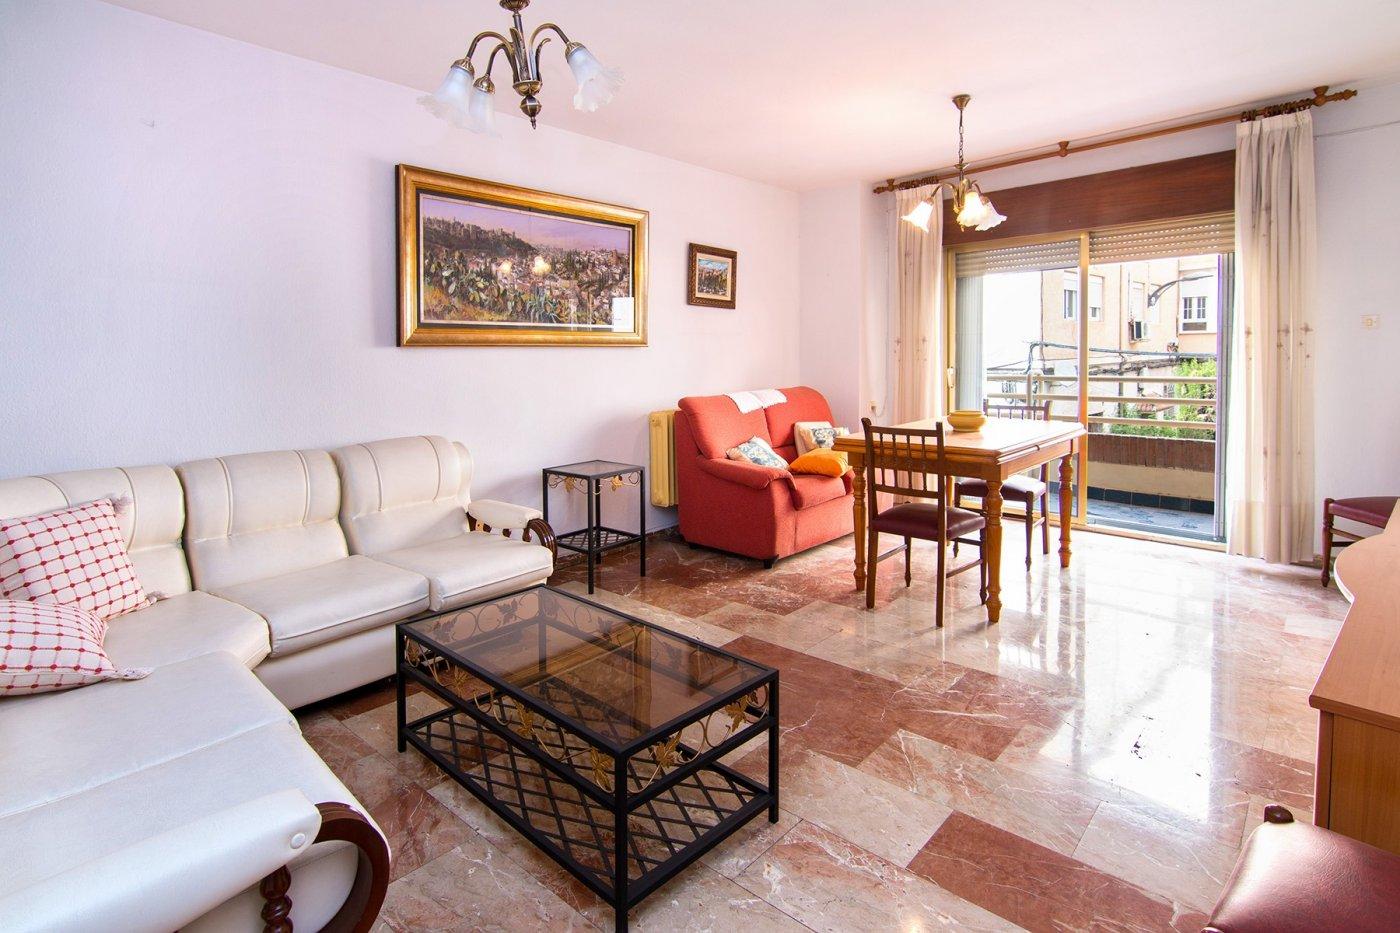 PISAZO en Pajaritos, 4 dormitorios con garaje, Granada